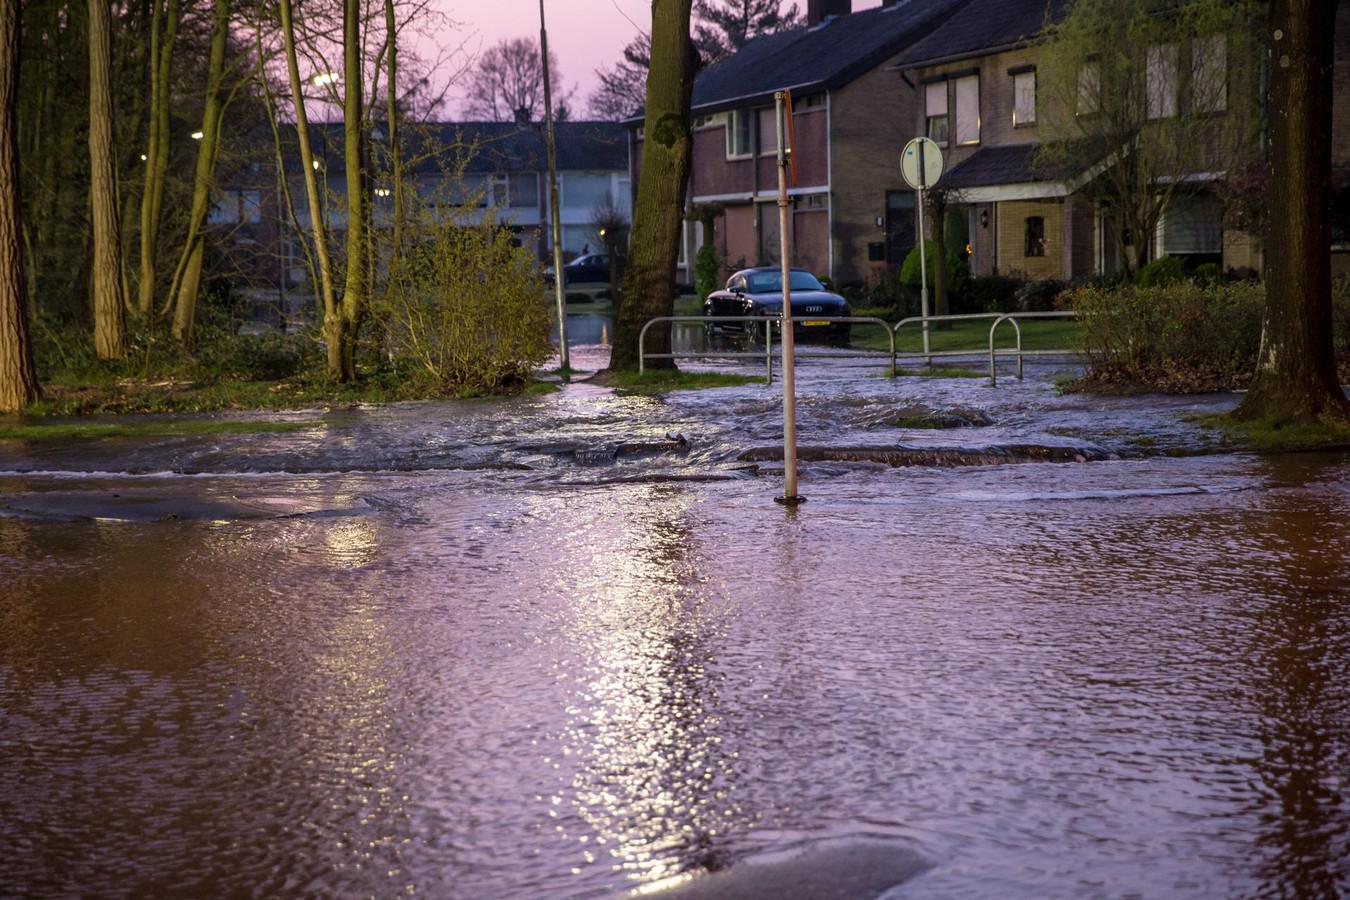 Door een breuk in een waterleiding zijn meerdere straten in de omgeving van de Strausslaan in Roosendaal onder water komen te staan.